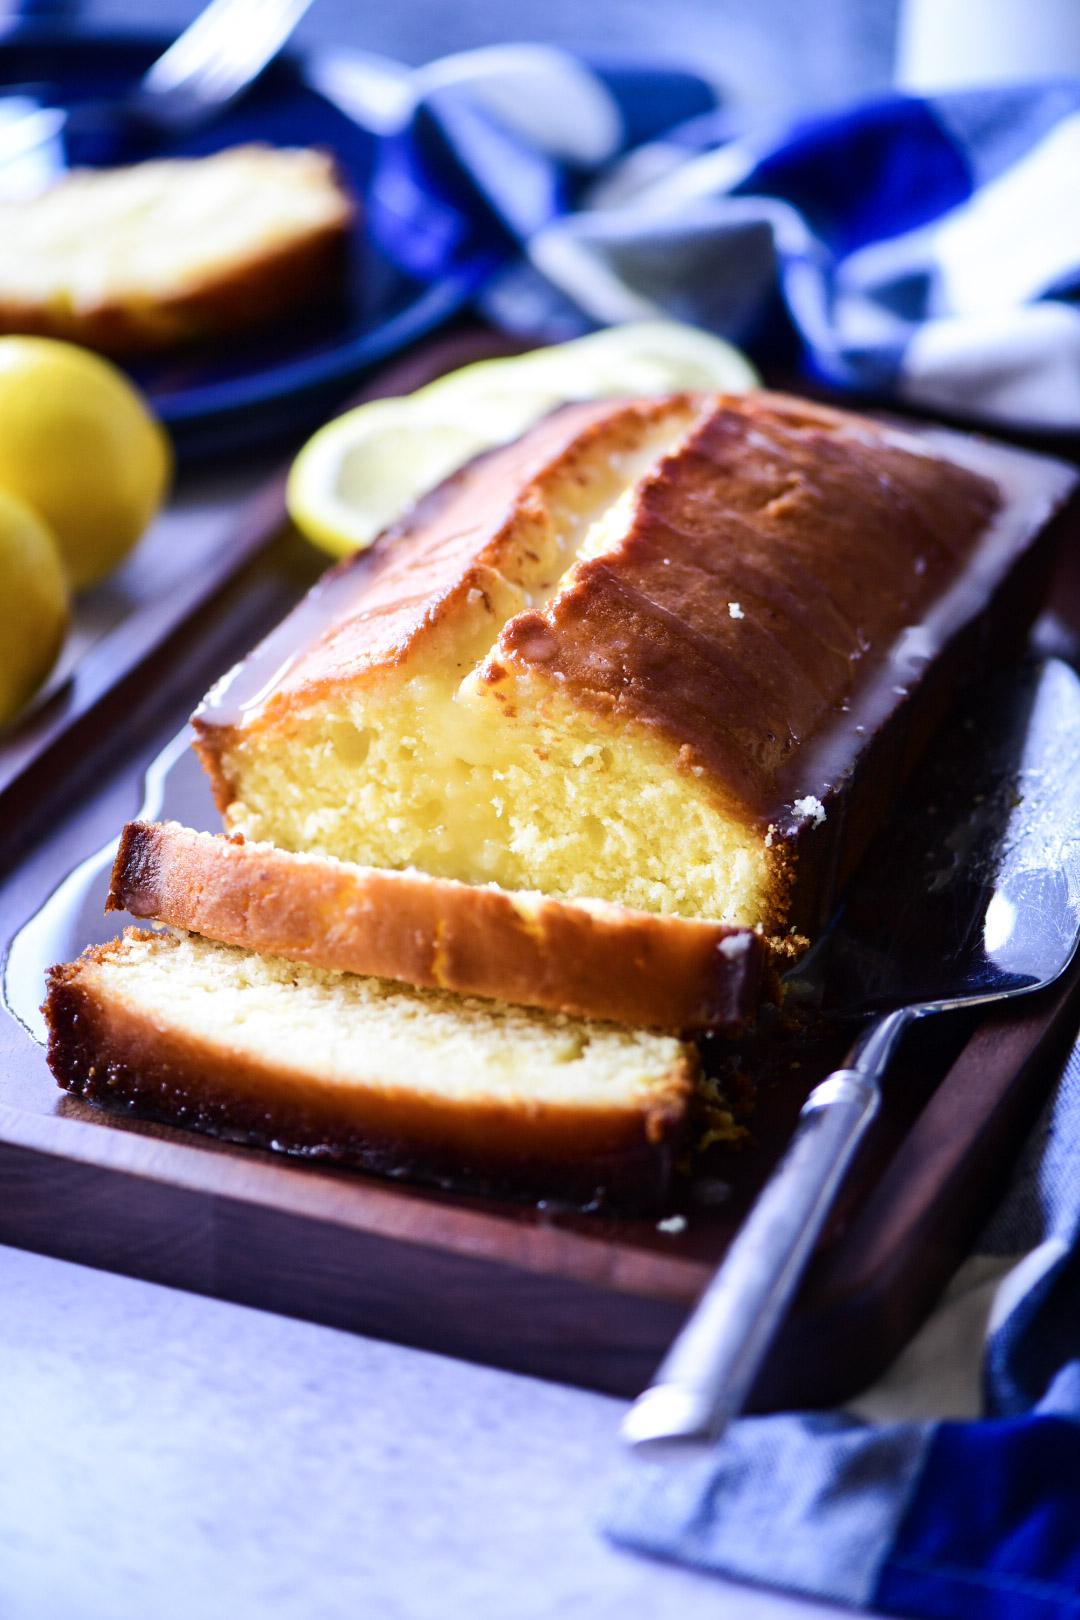 Large slices of lemon pound cake